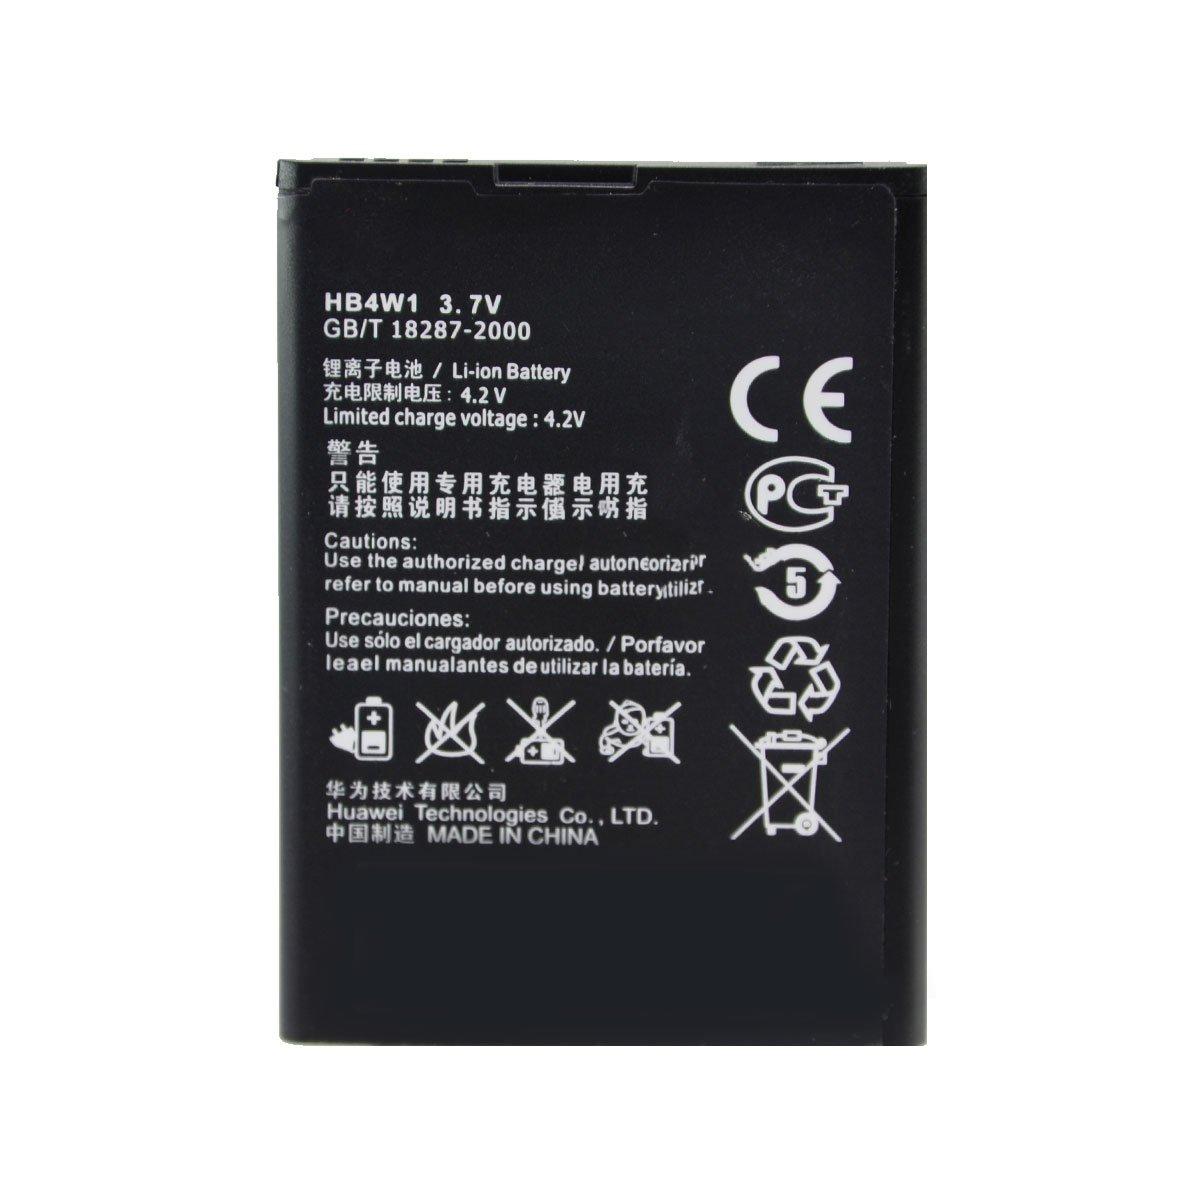 Аккумуляторная батарея для Huawei W2 HB4W1